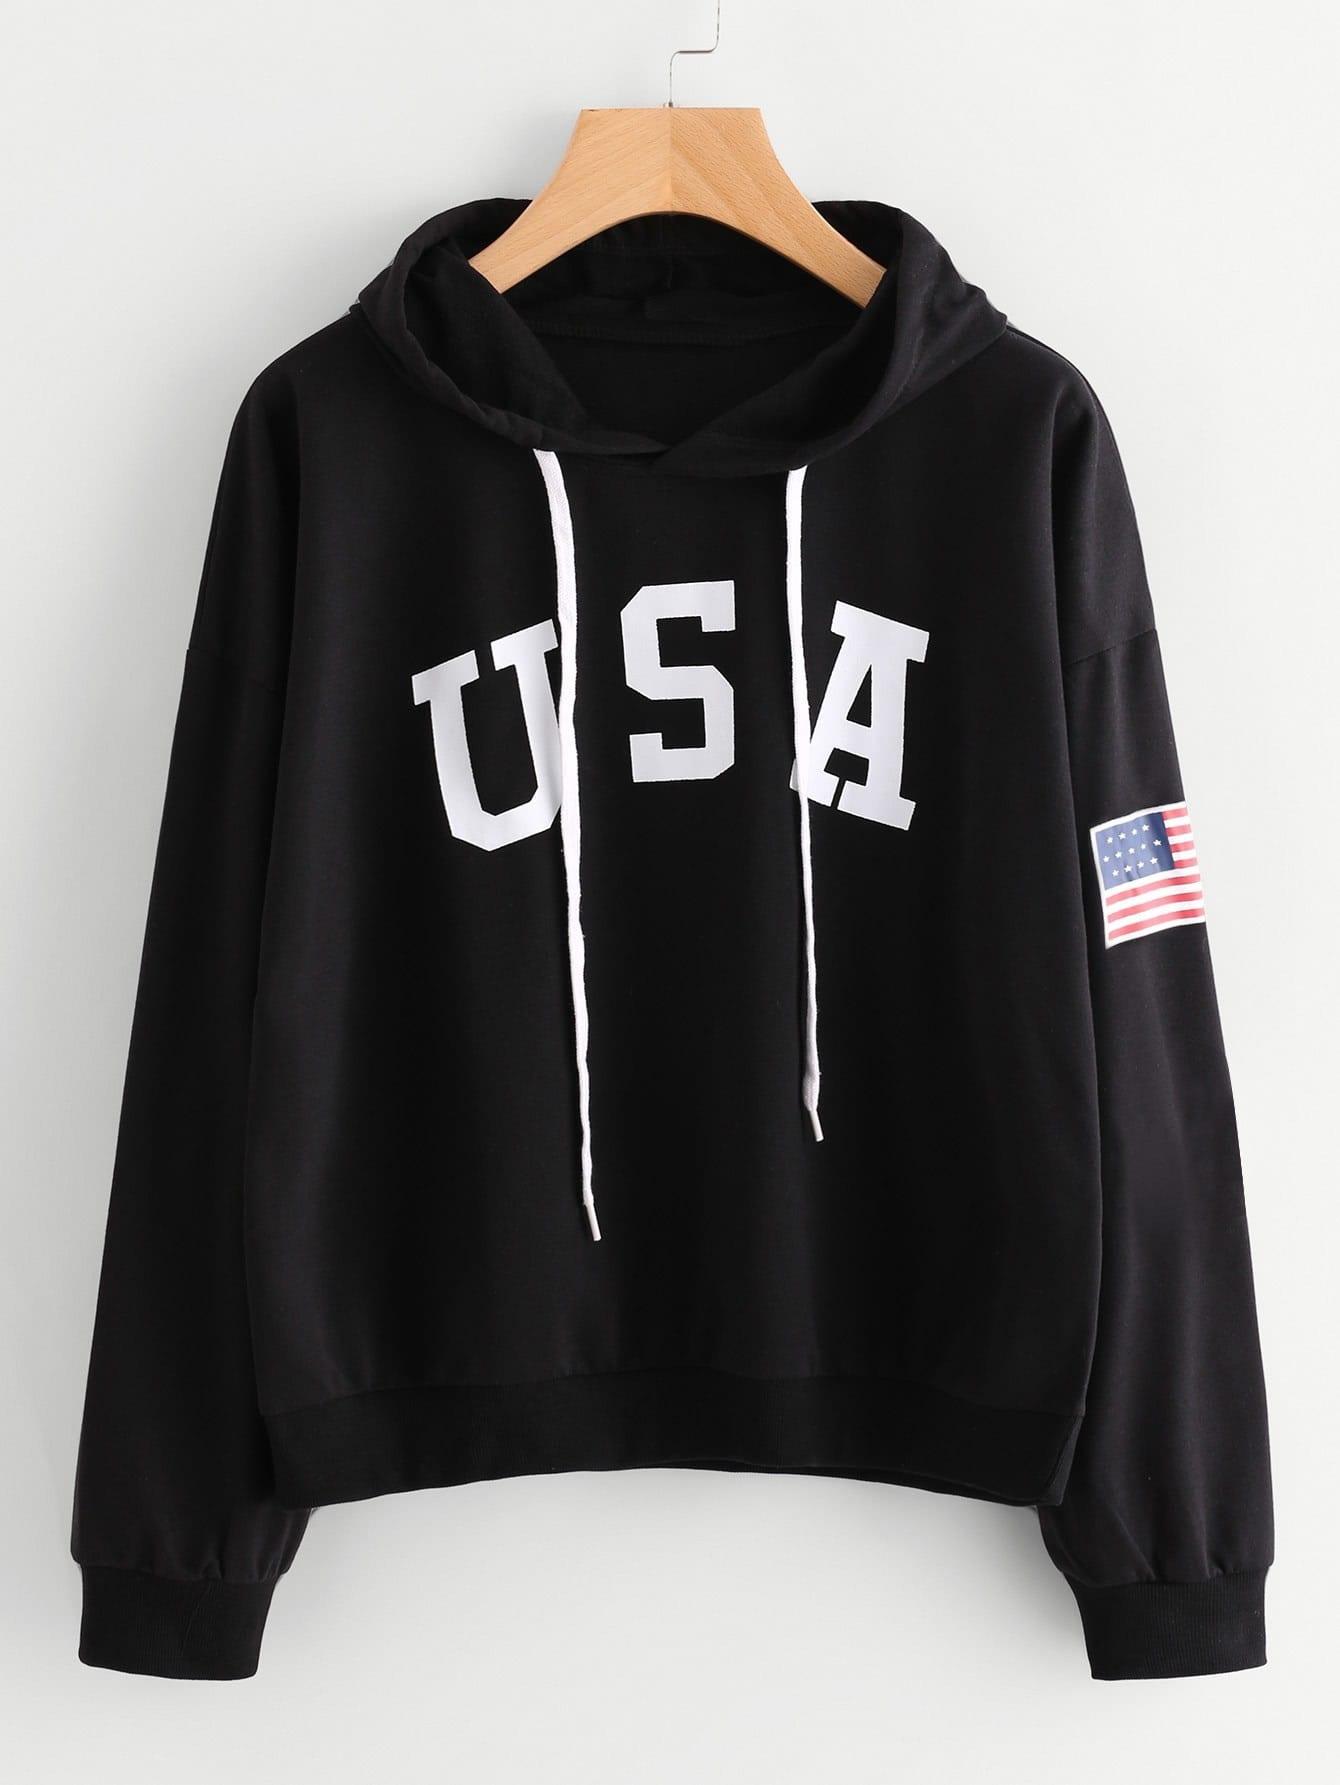 Flag Printed Drawstring Hoodie kids drawstring hoodie jacket